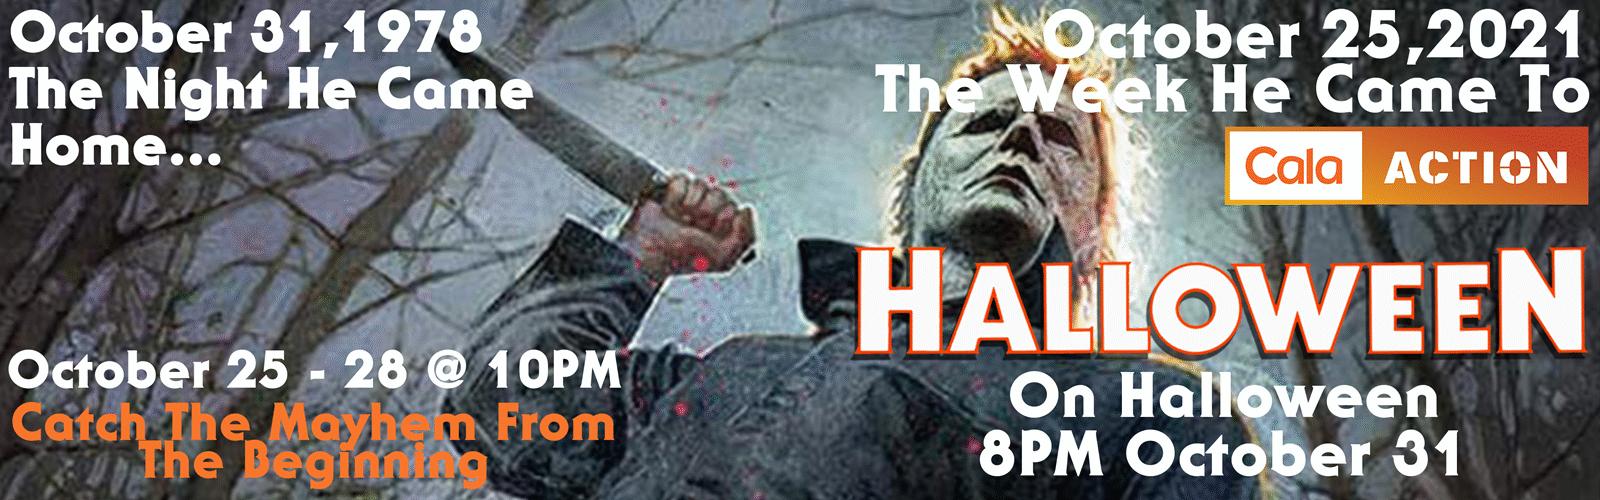 Halloween Marathon_Banner Image